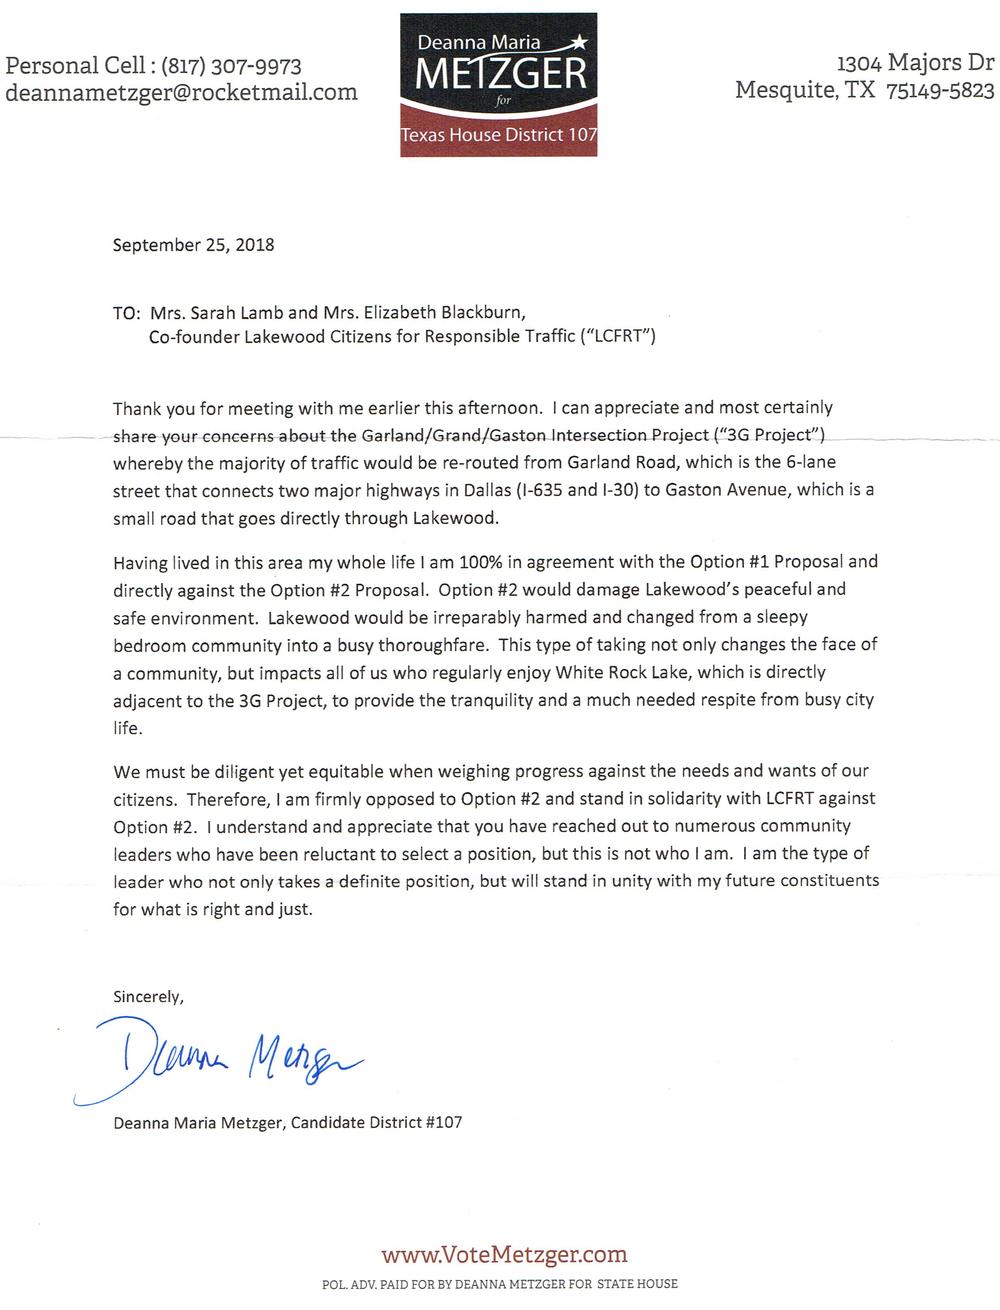 Metzger Support Letter